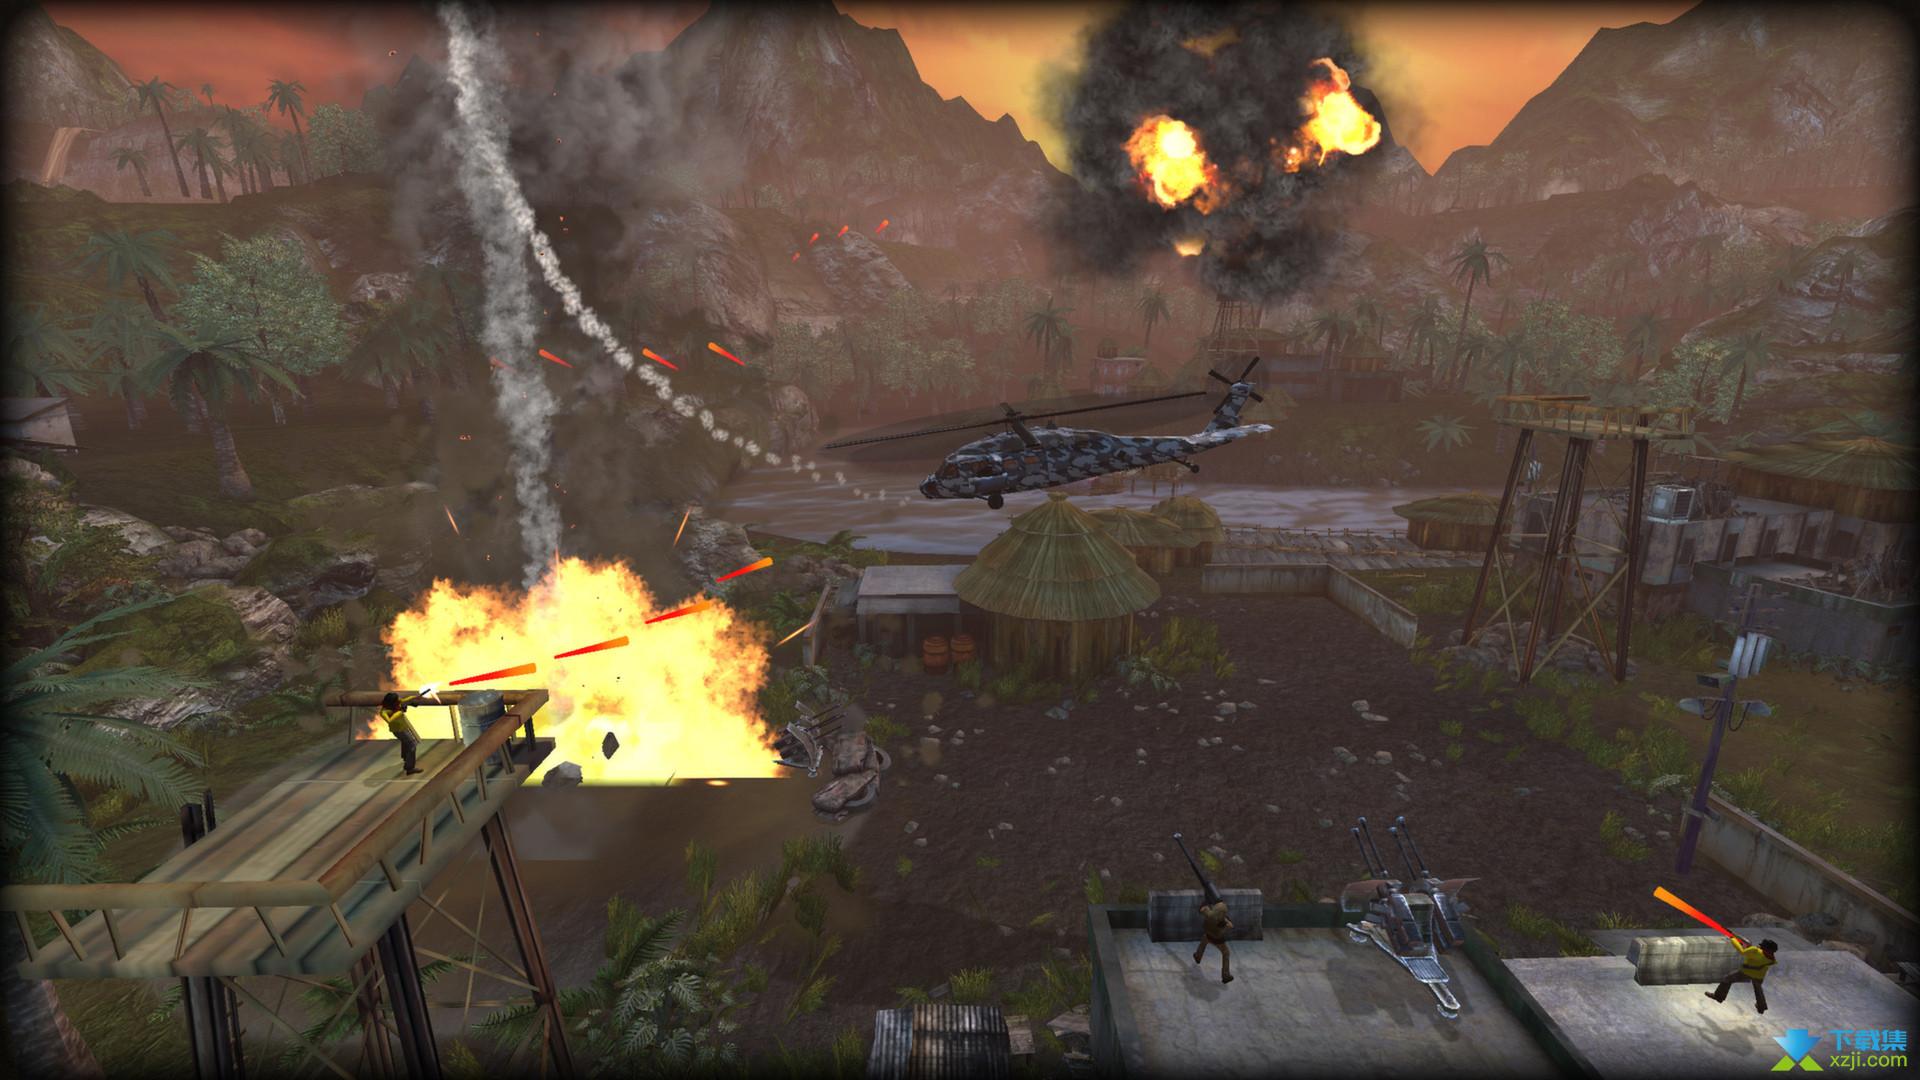 直升机救人高清版界面